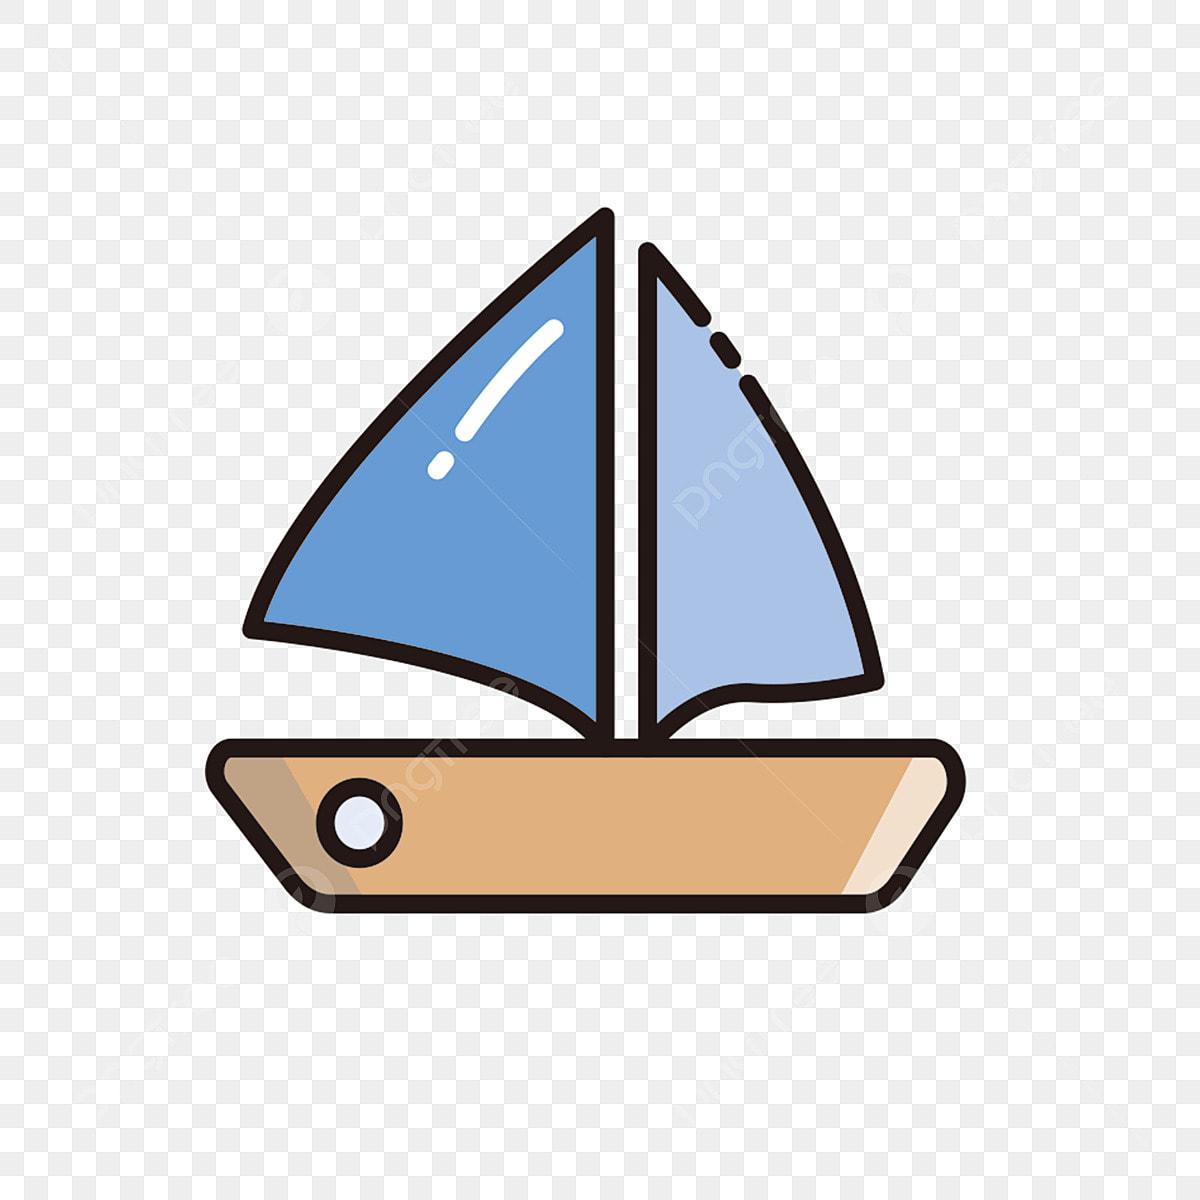 Voile Bateau Bicolor Icone Motif De Dessin Anime De Bateau Bicolor Simple Png Et Vecteur Pour Telechargement Gratuit